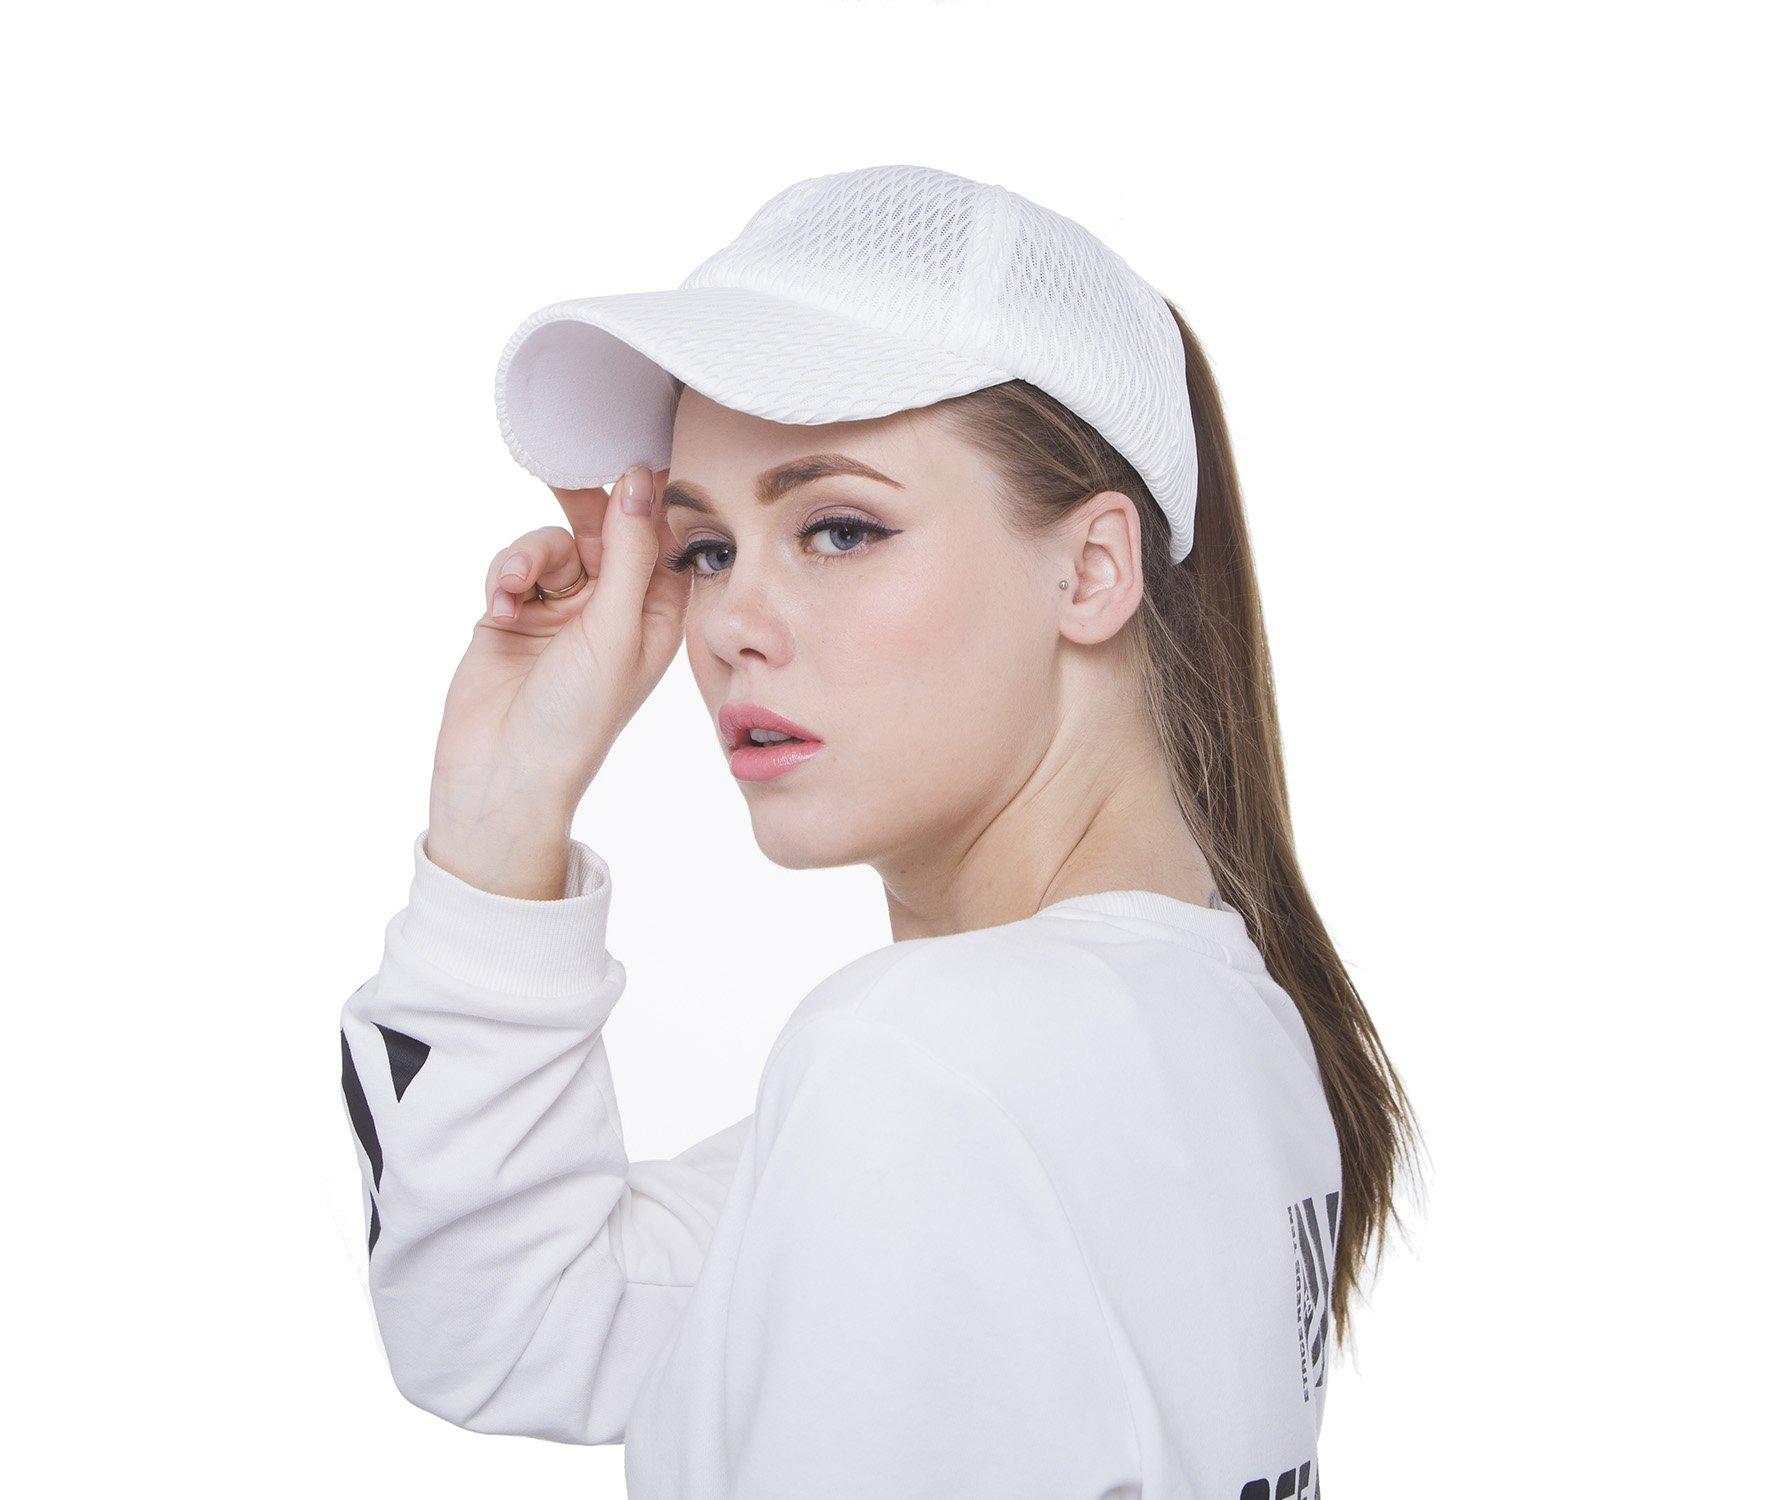 Sven Home Breathable mesh Ponytail Women's Summer Outdoor Sport Baseball Hat Golf Running Fishing Visor Sun Cap (White)